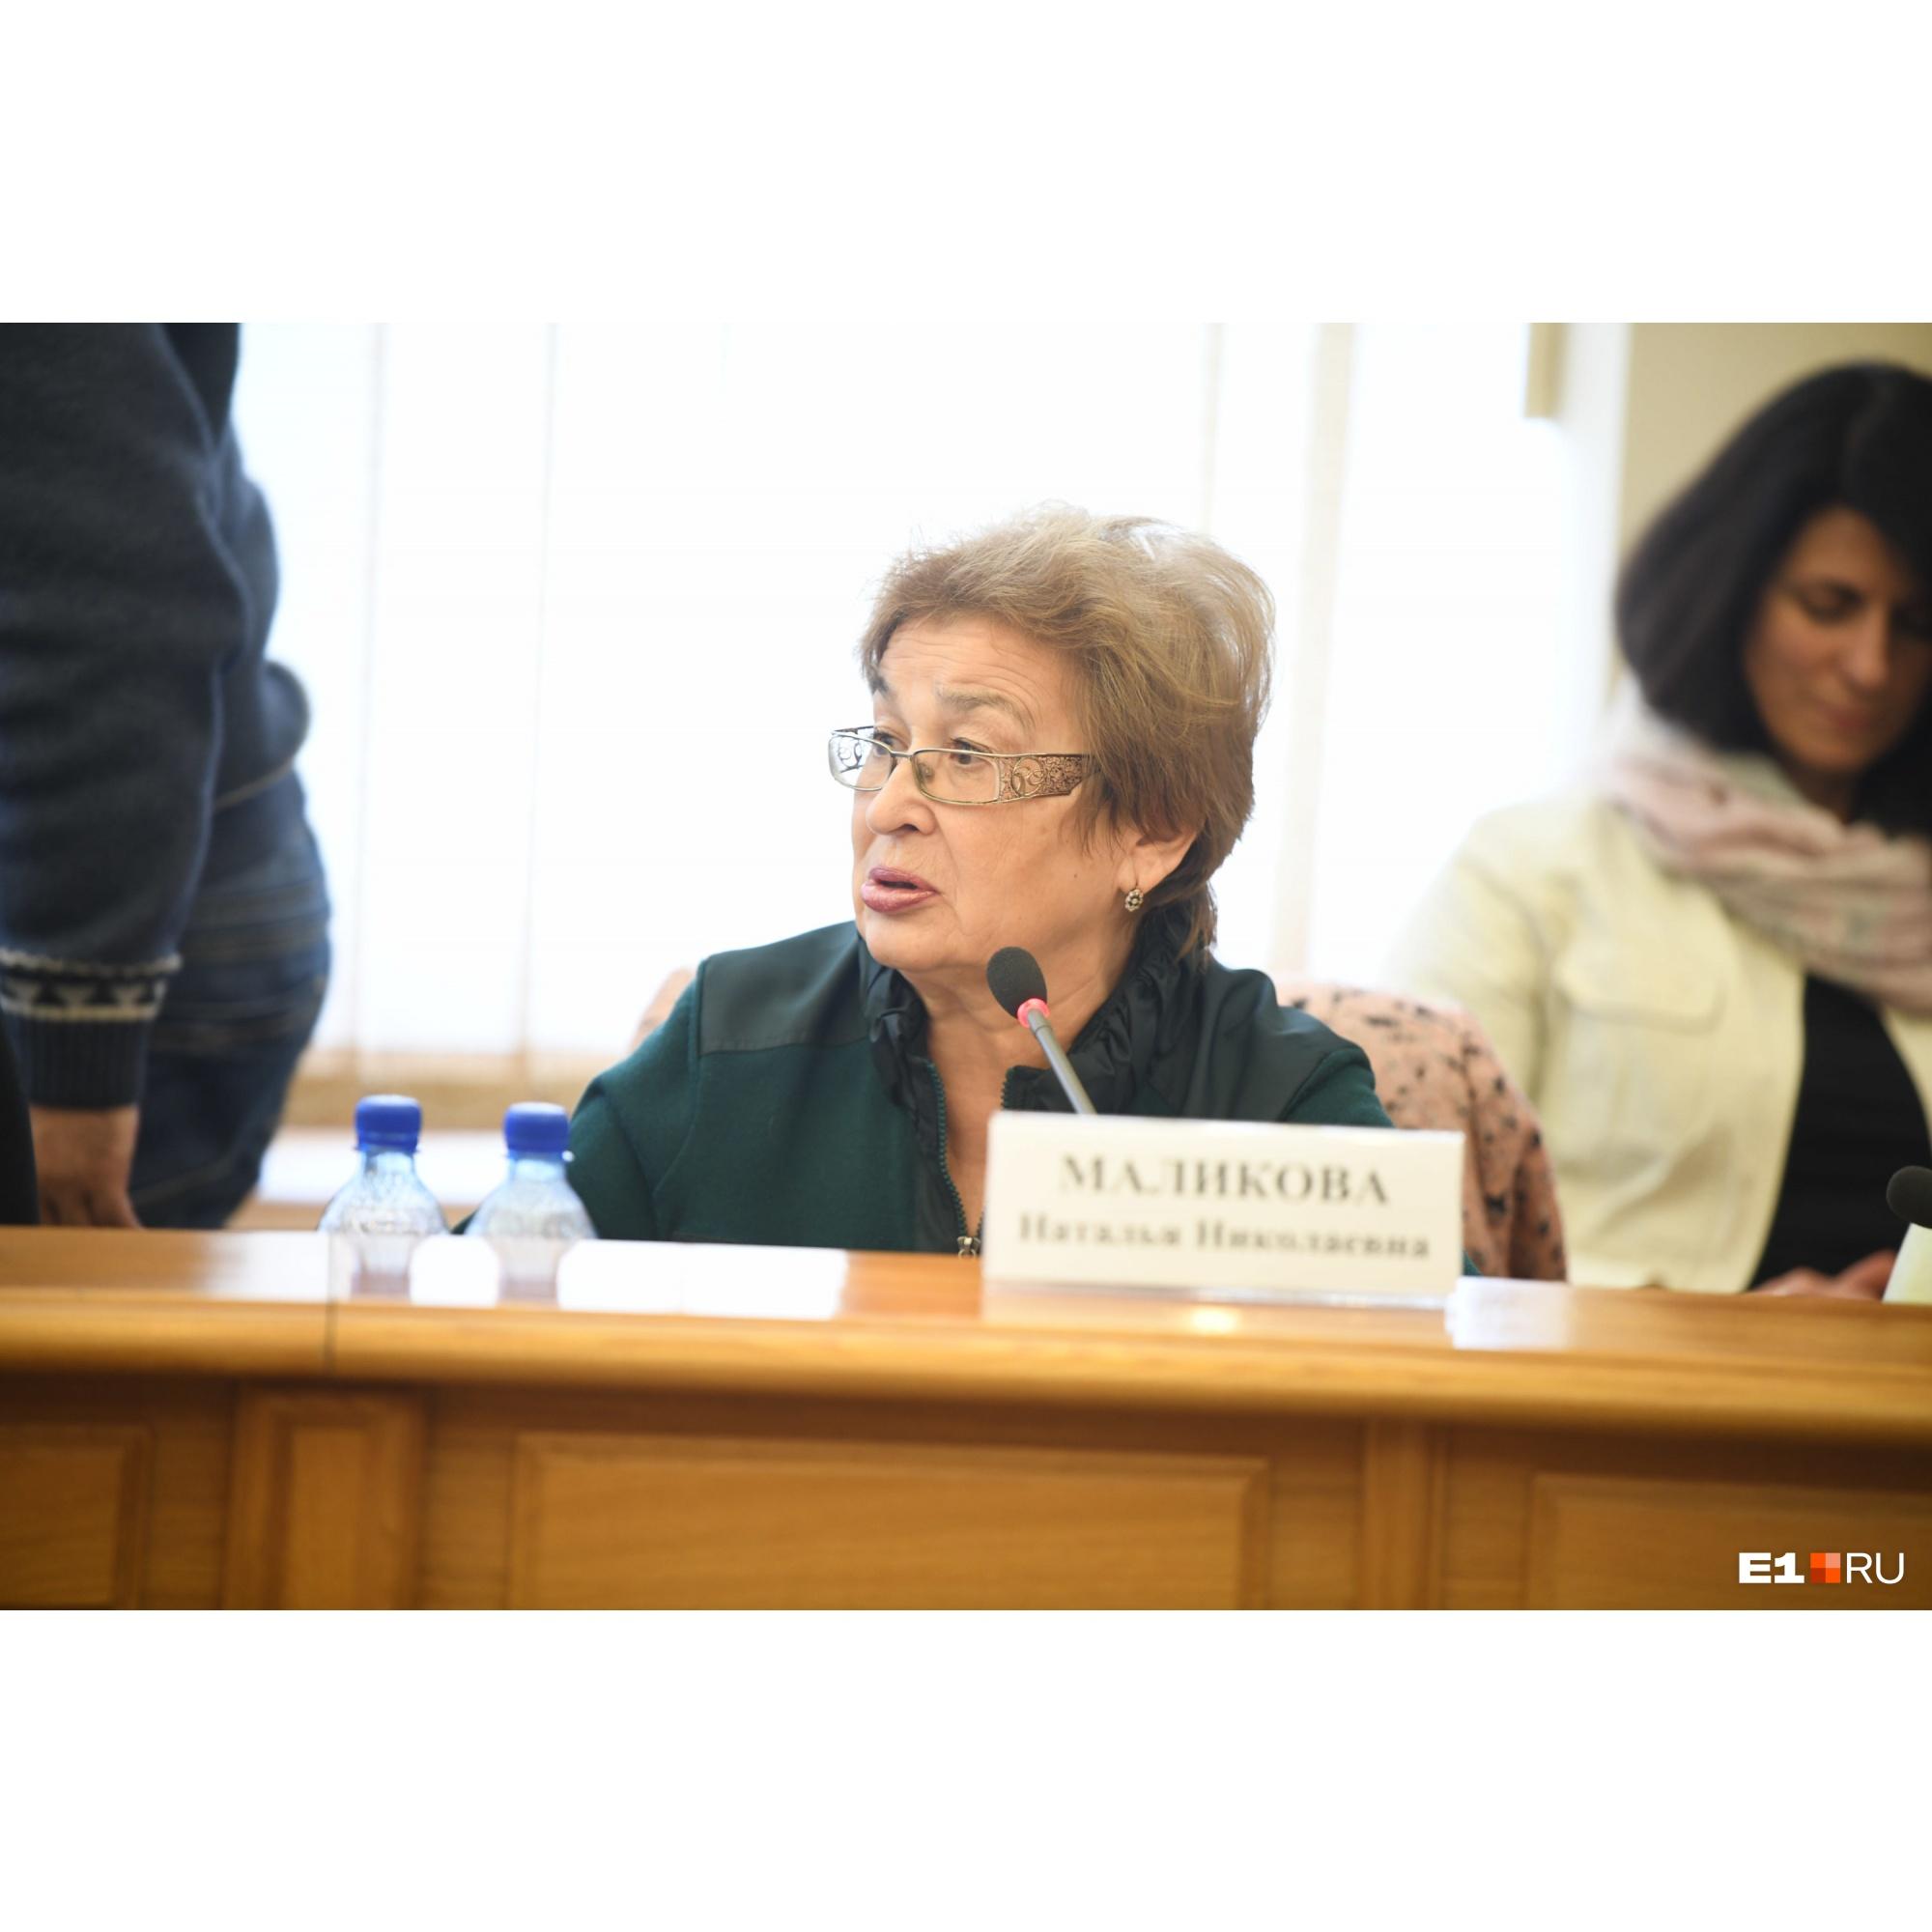 Социолог Наталья Маликова.